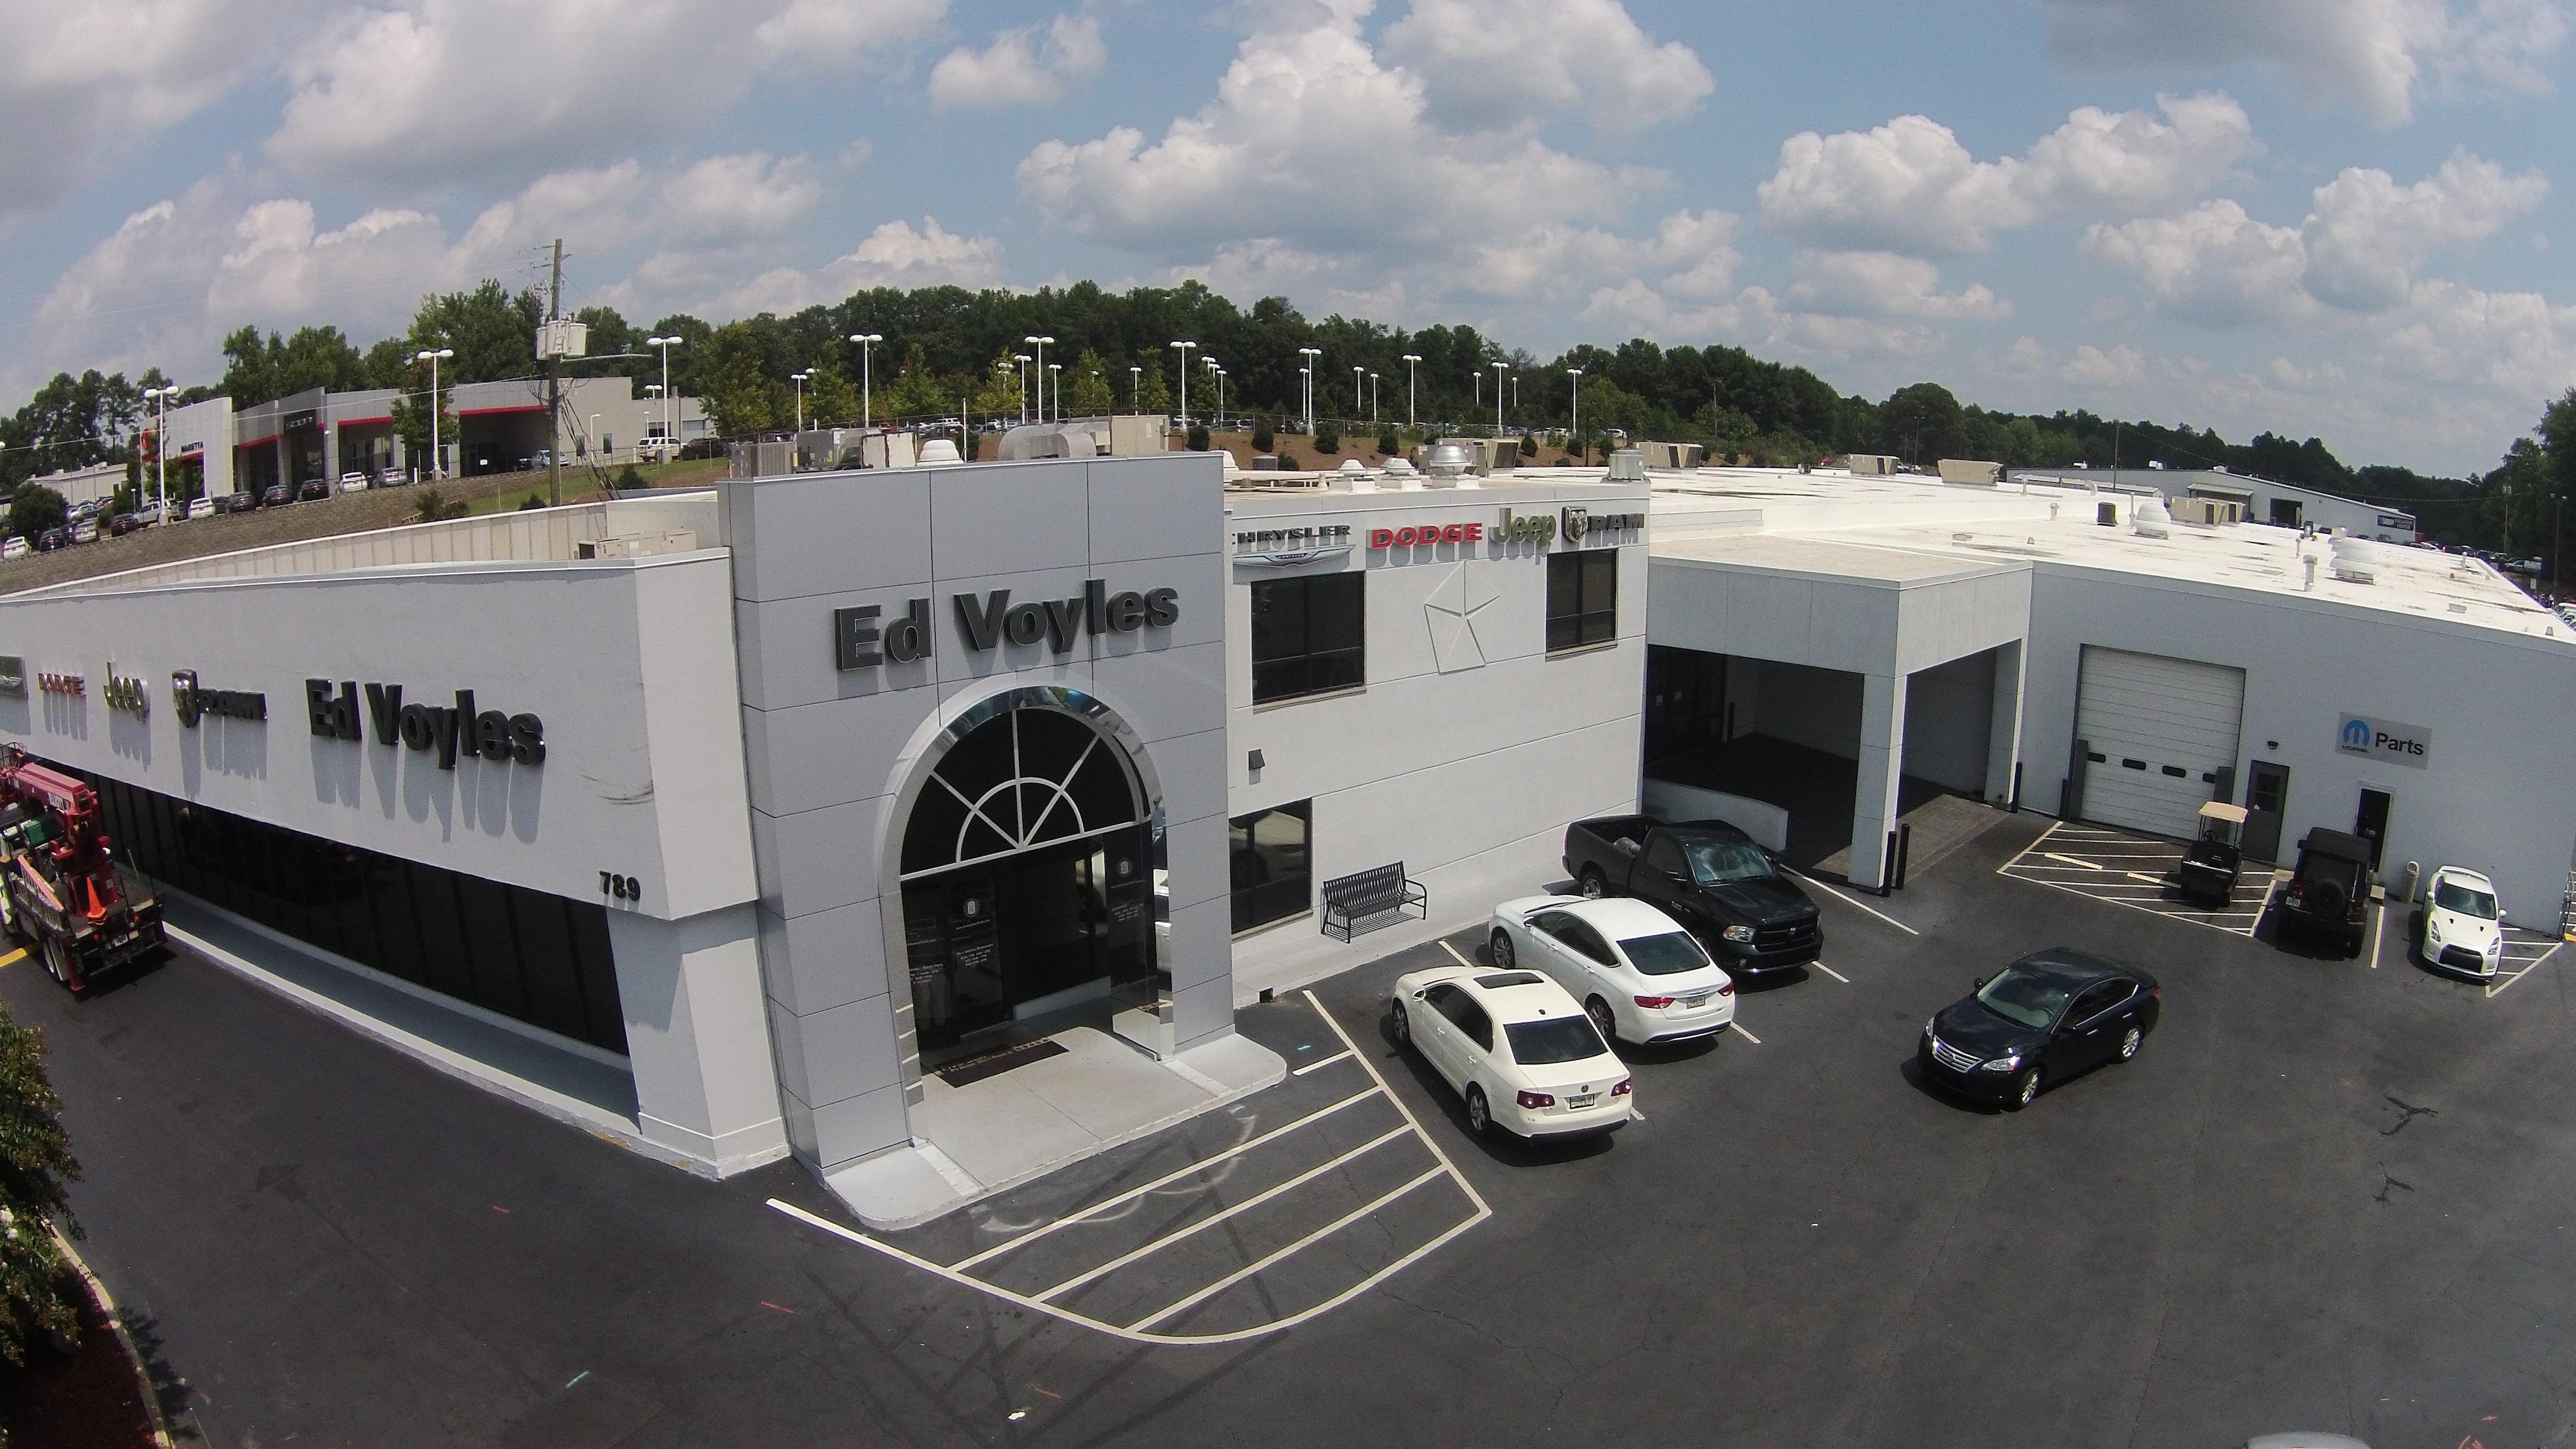 About Ed Voyles Chrysler Jeep Dodge Ram Marietta